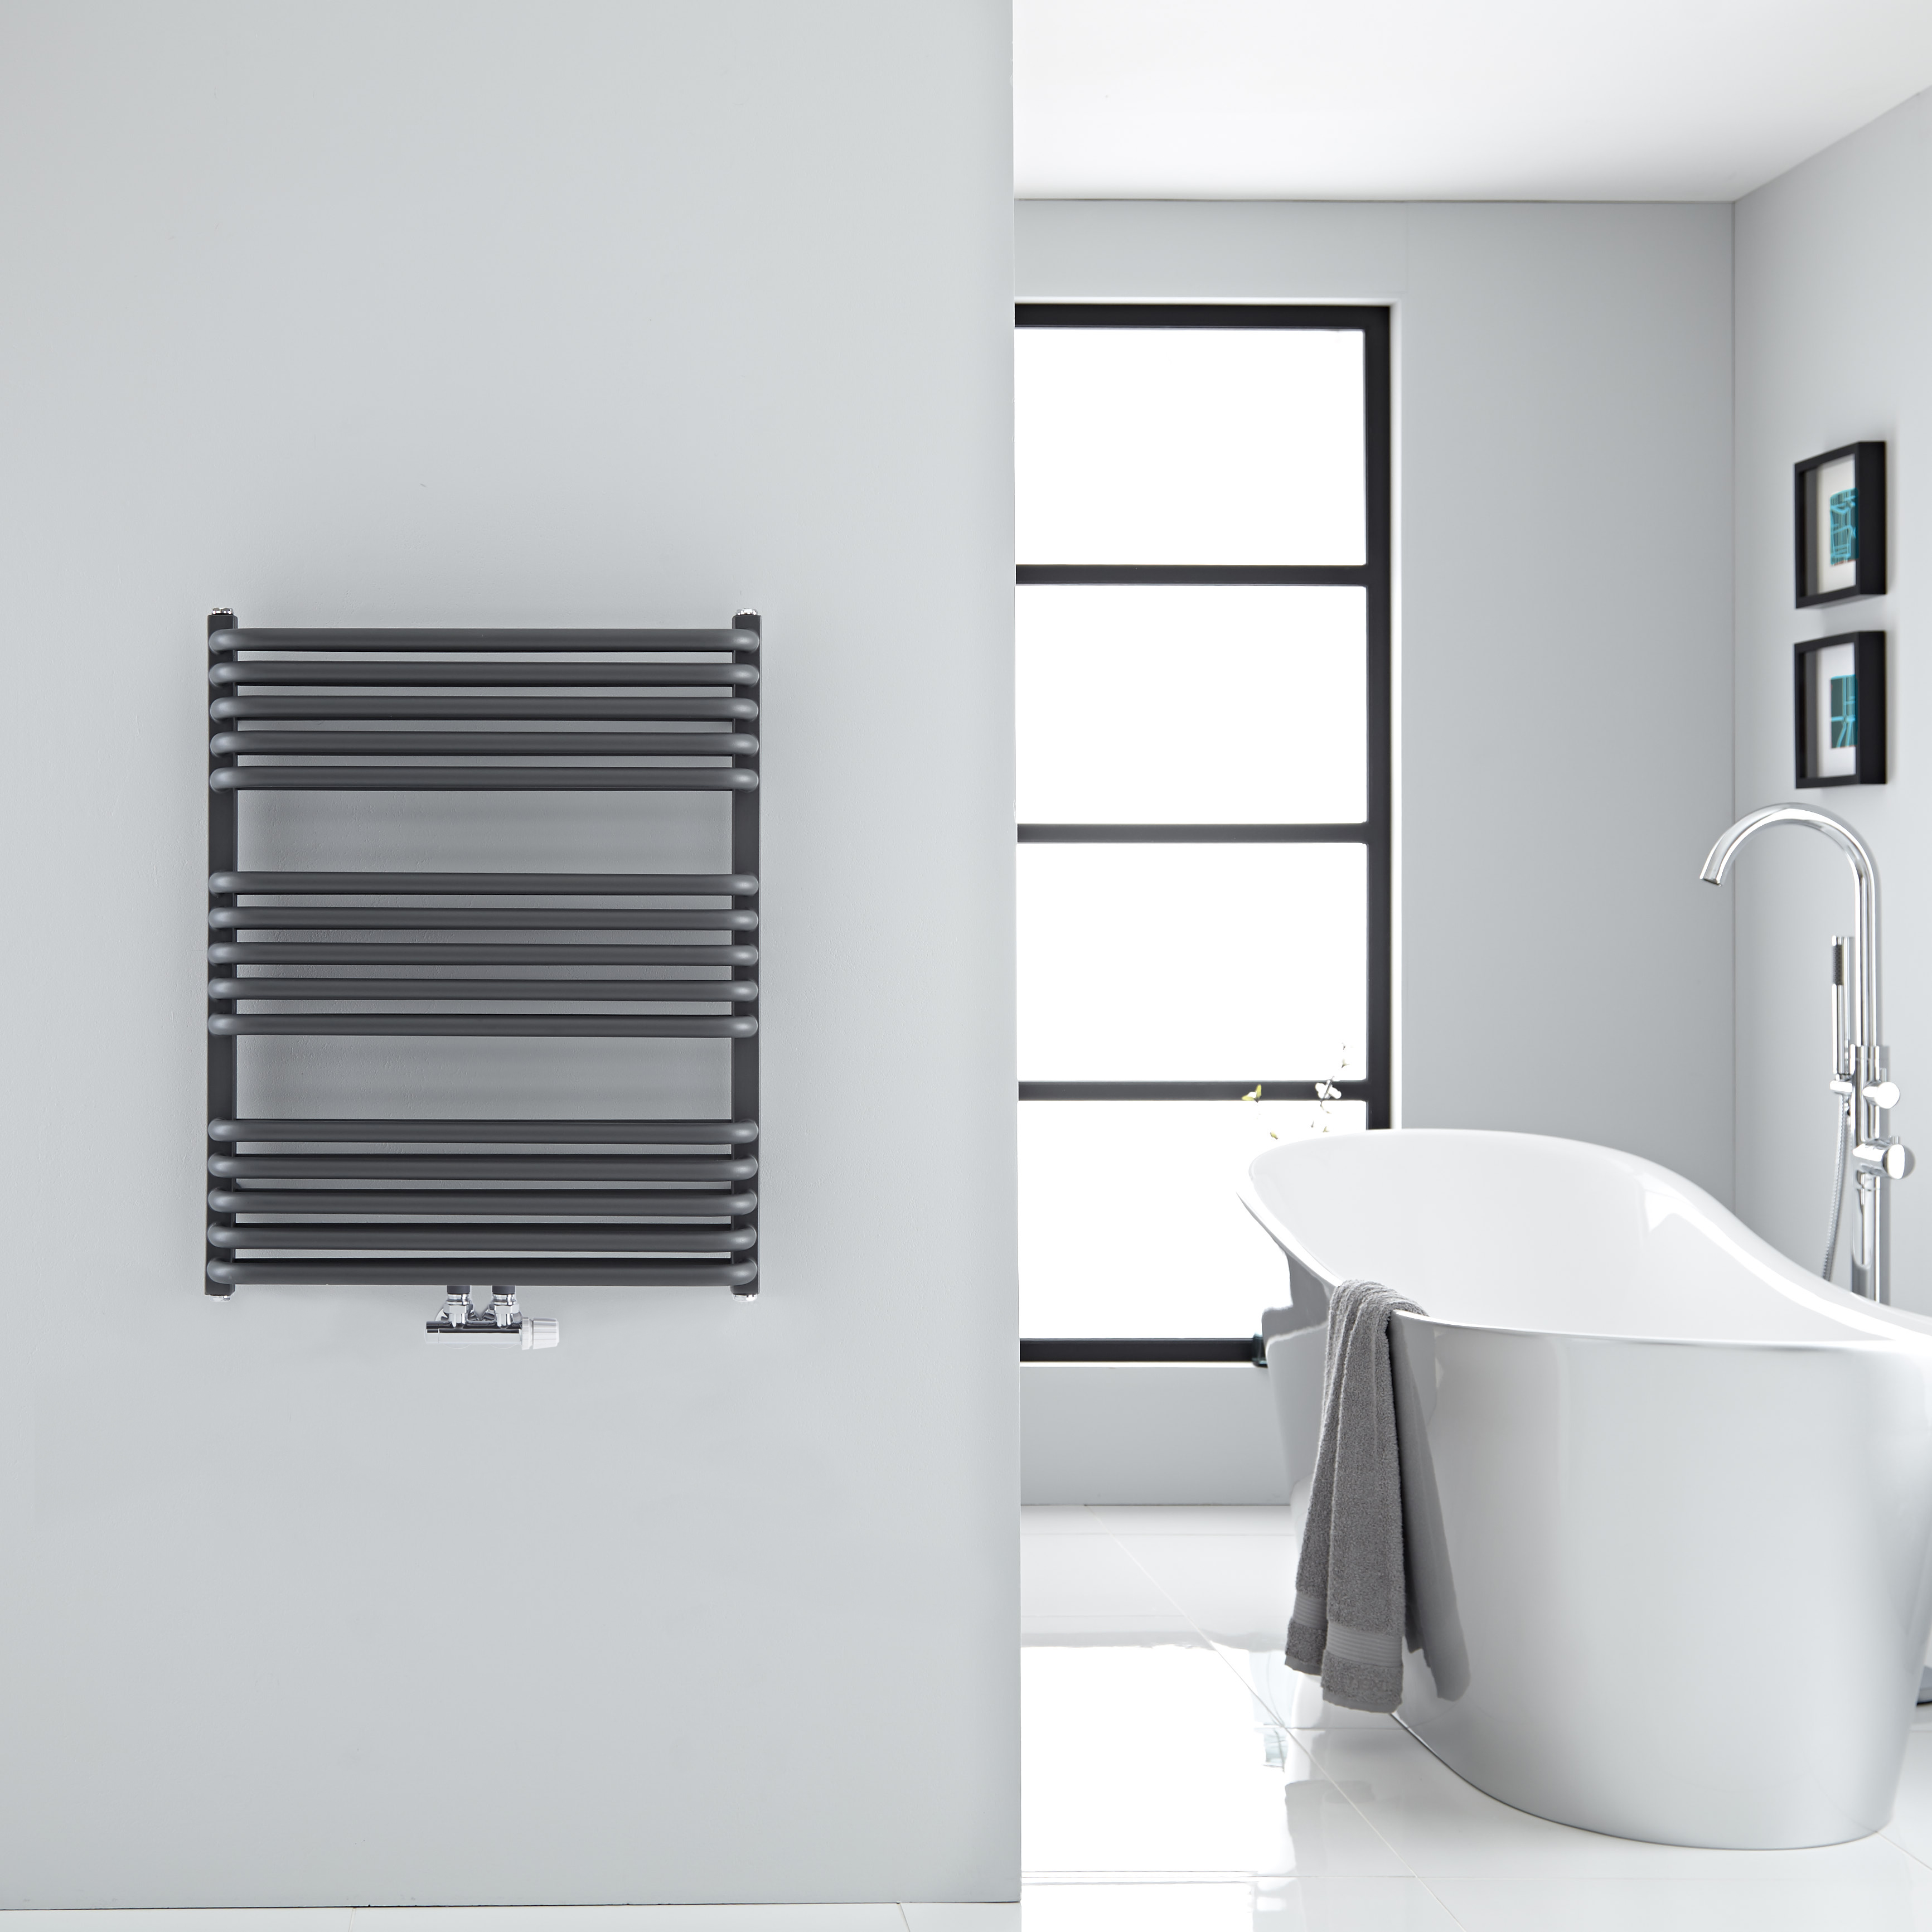 Sèche-serviettes eau chaude Arch anthracite 73.6x60cm 896 watts